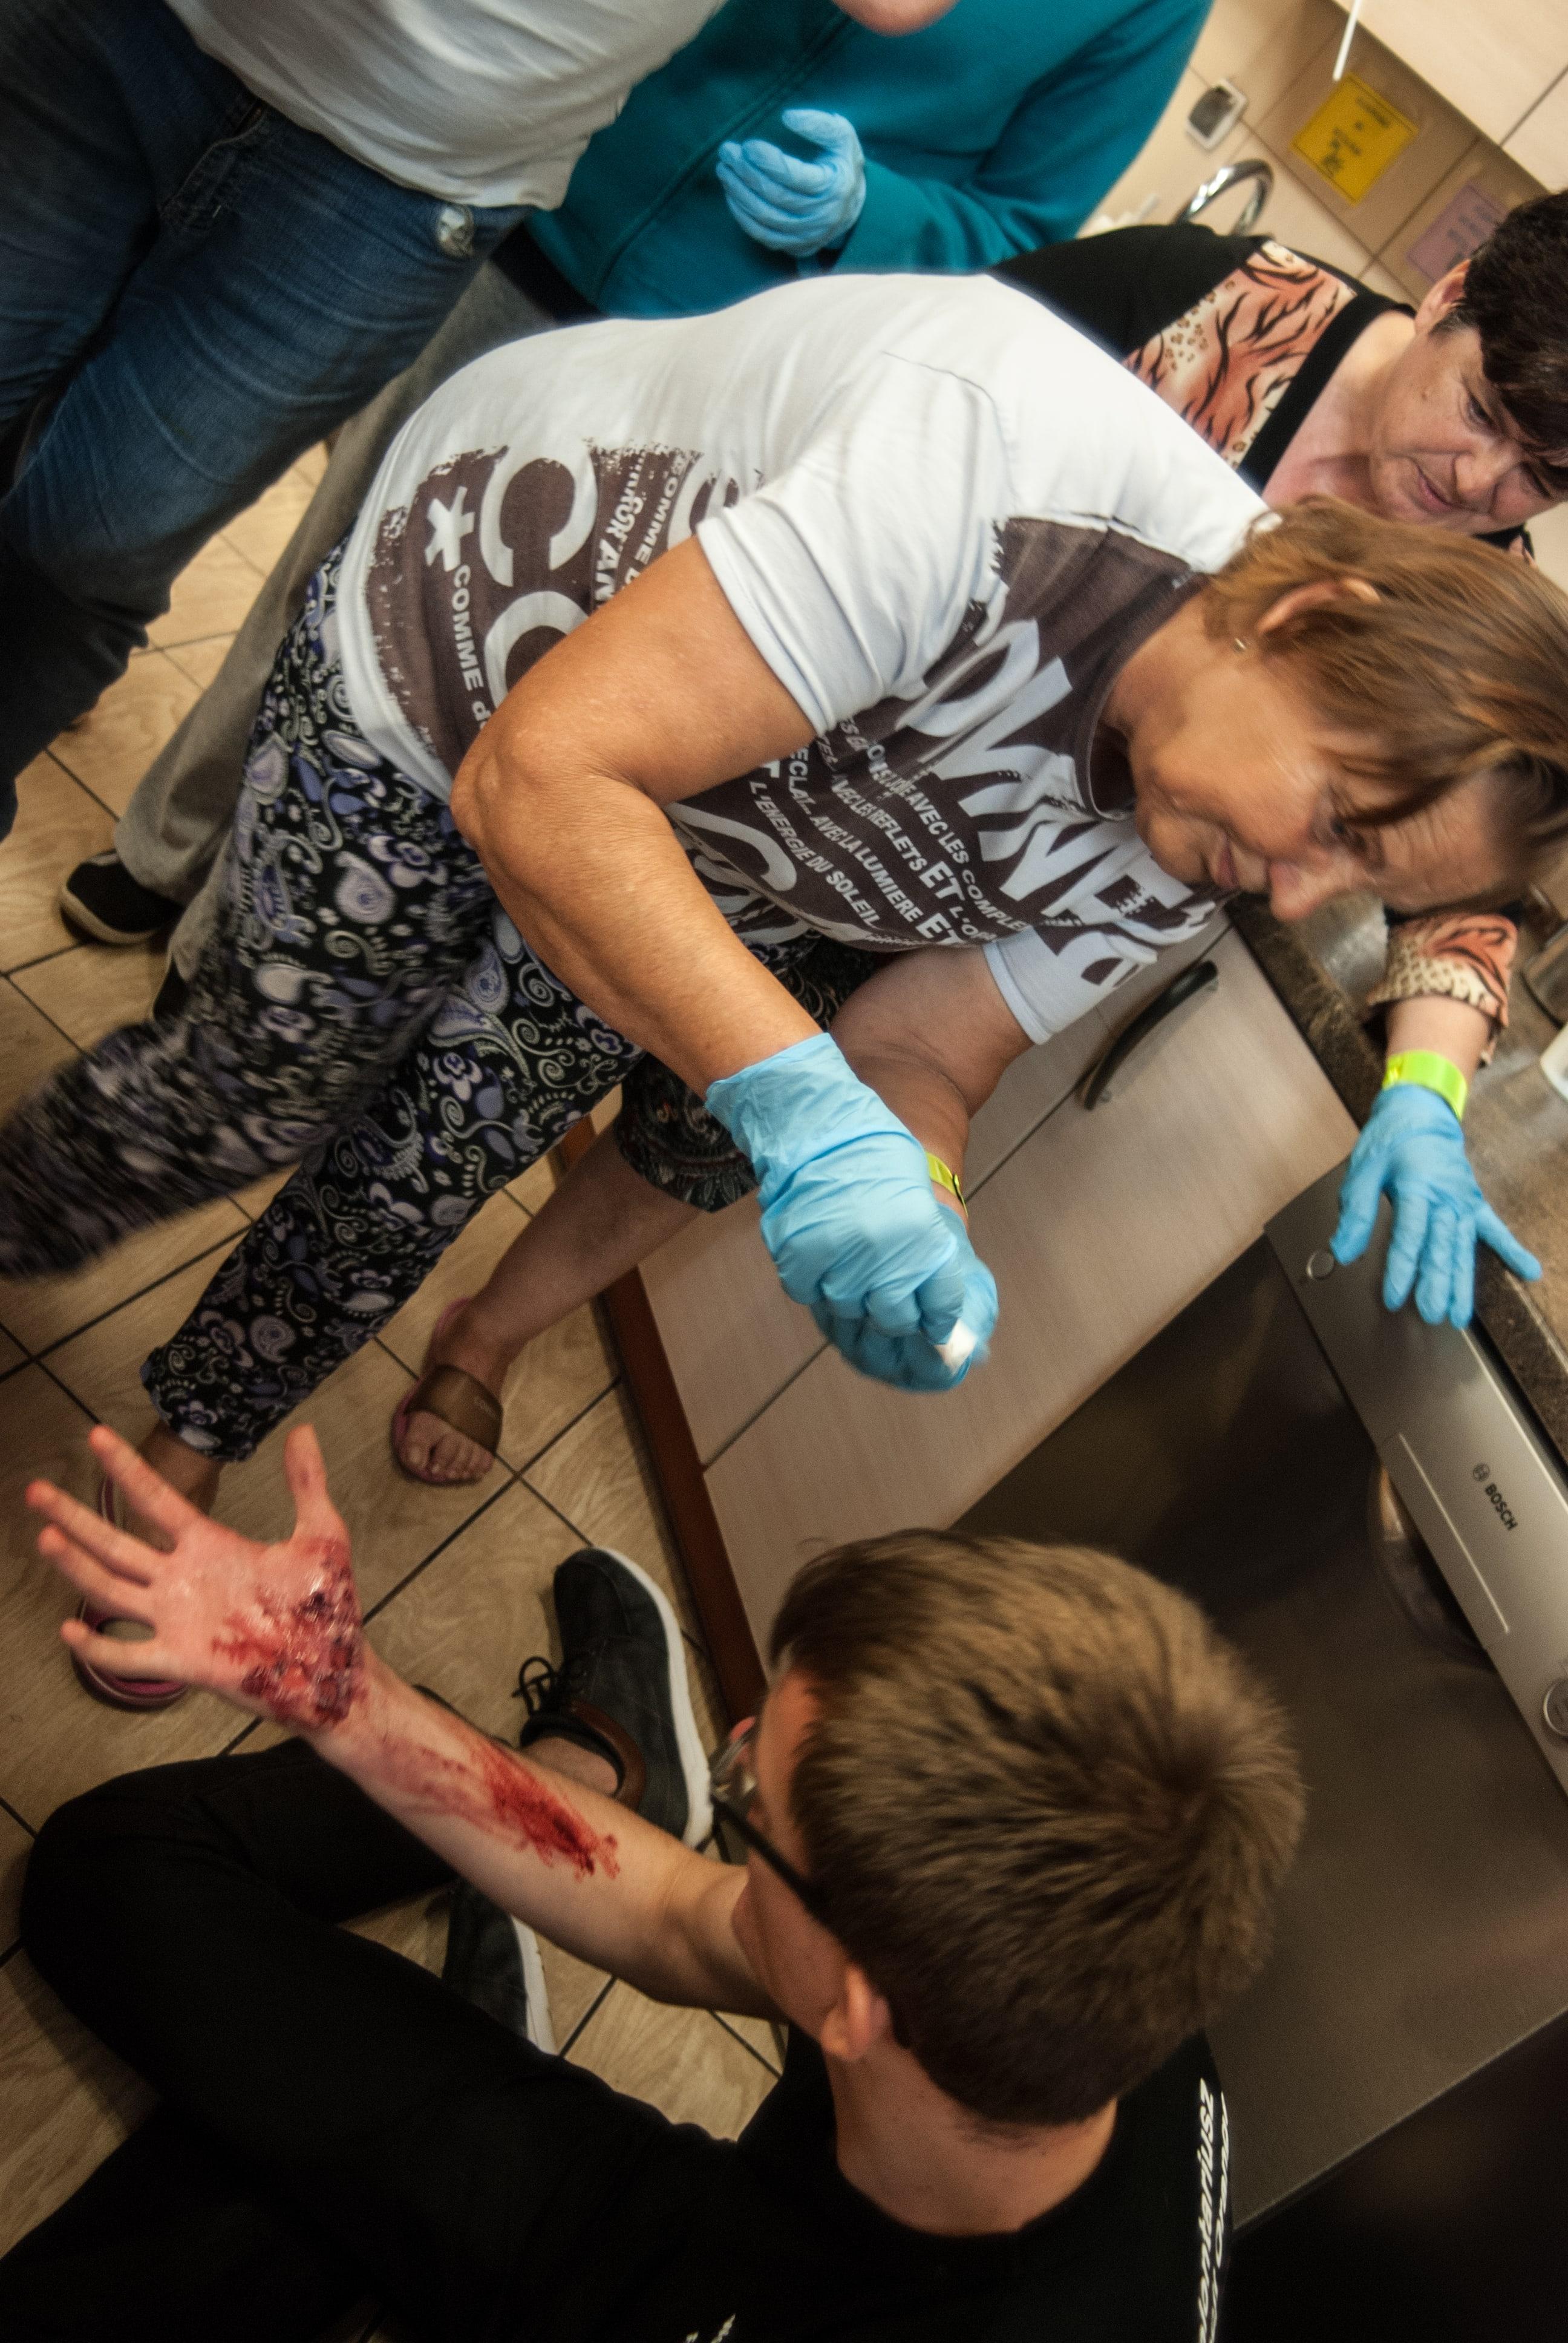 pierwsza pomoc oparzenie ręki, poparzona skóra, jałowe opatrunki, rescue class=